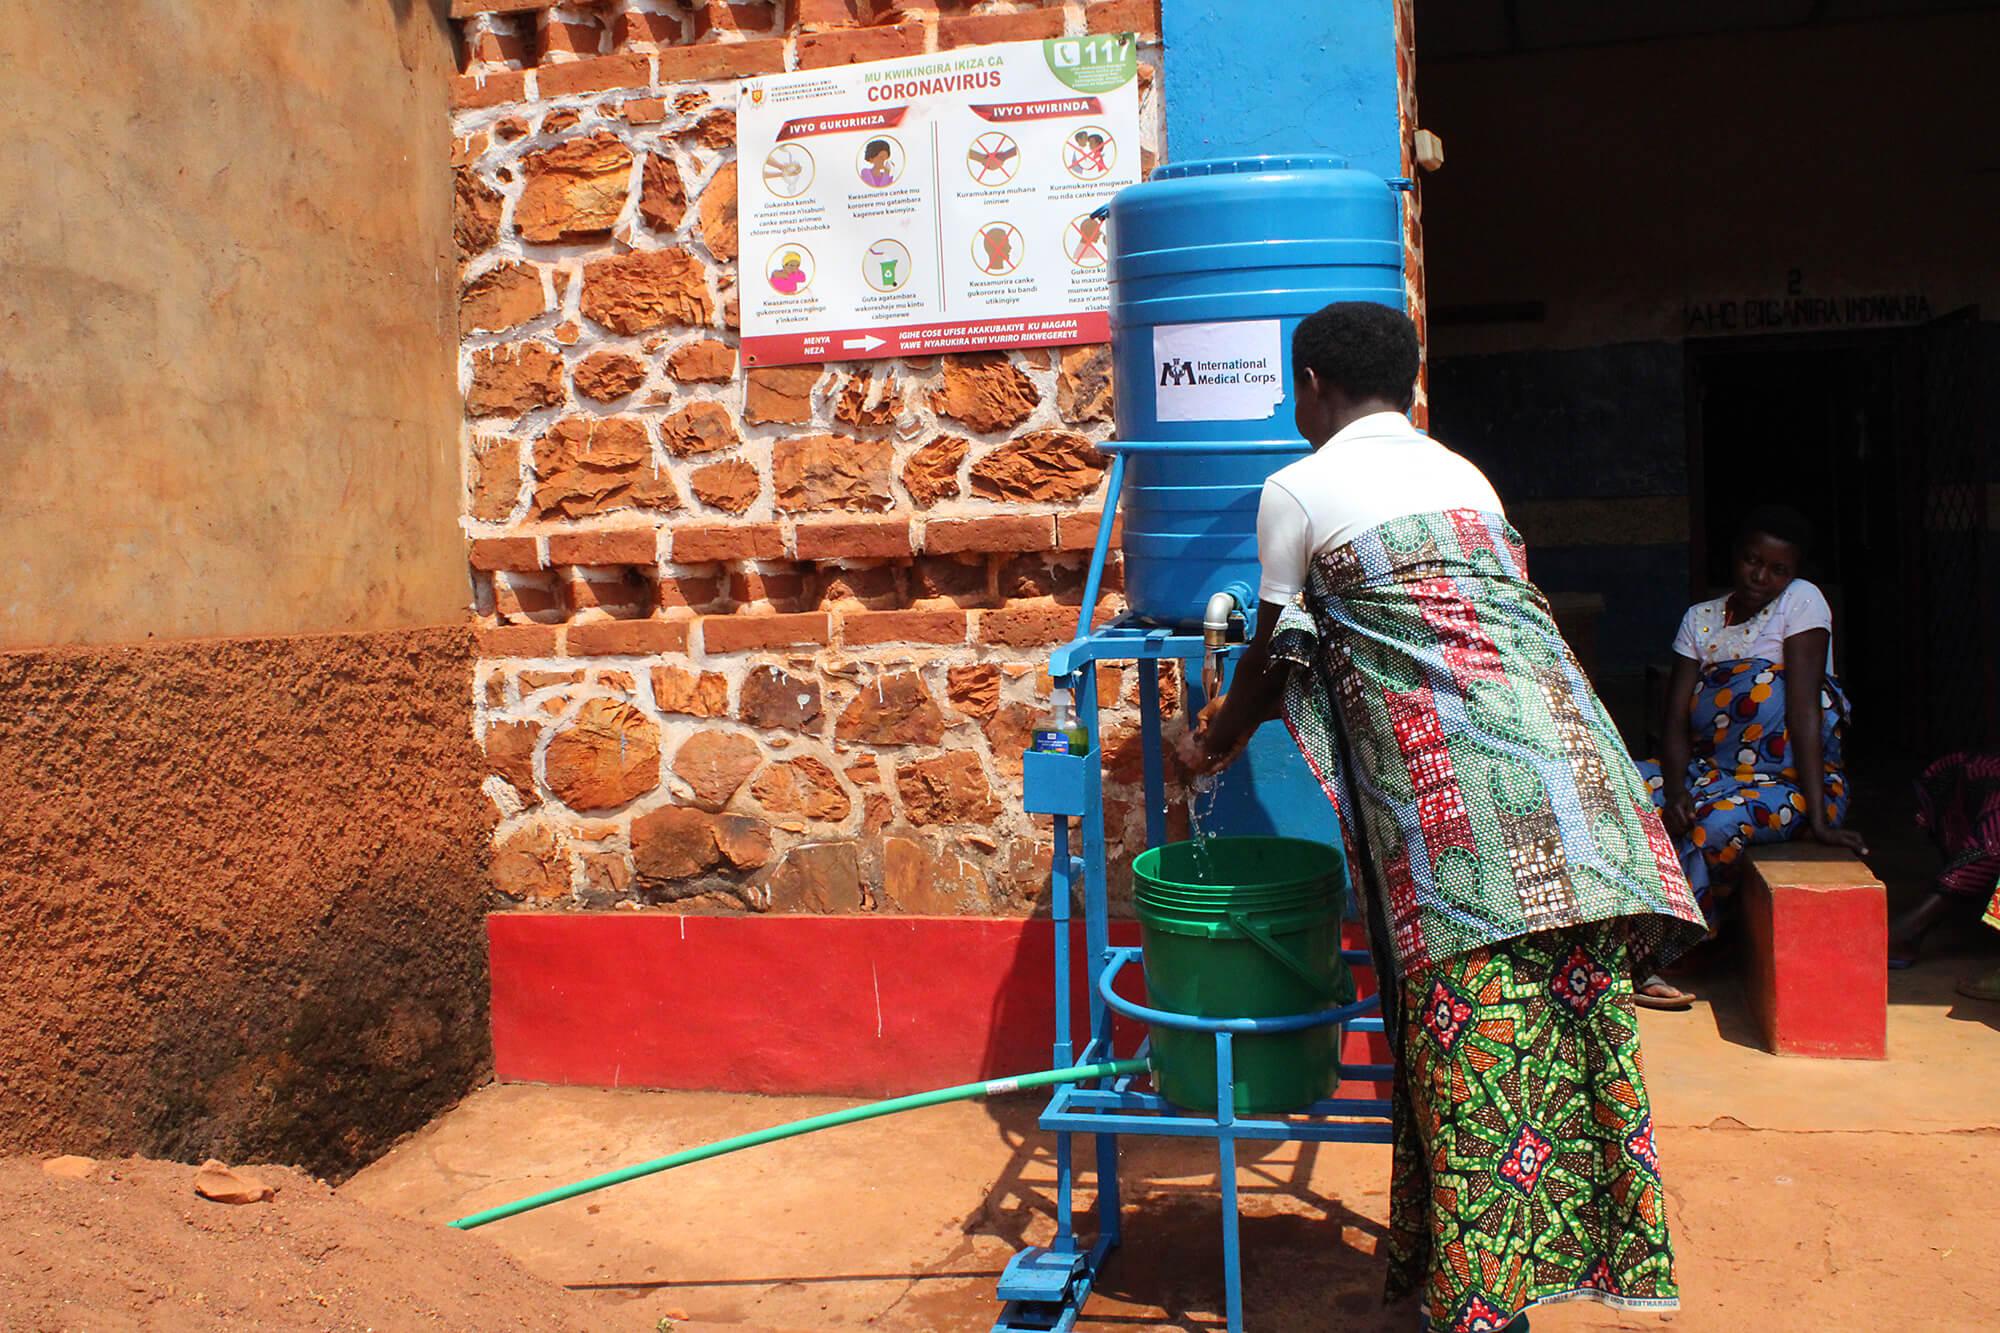 Handwashing station in Burundi.